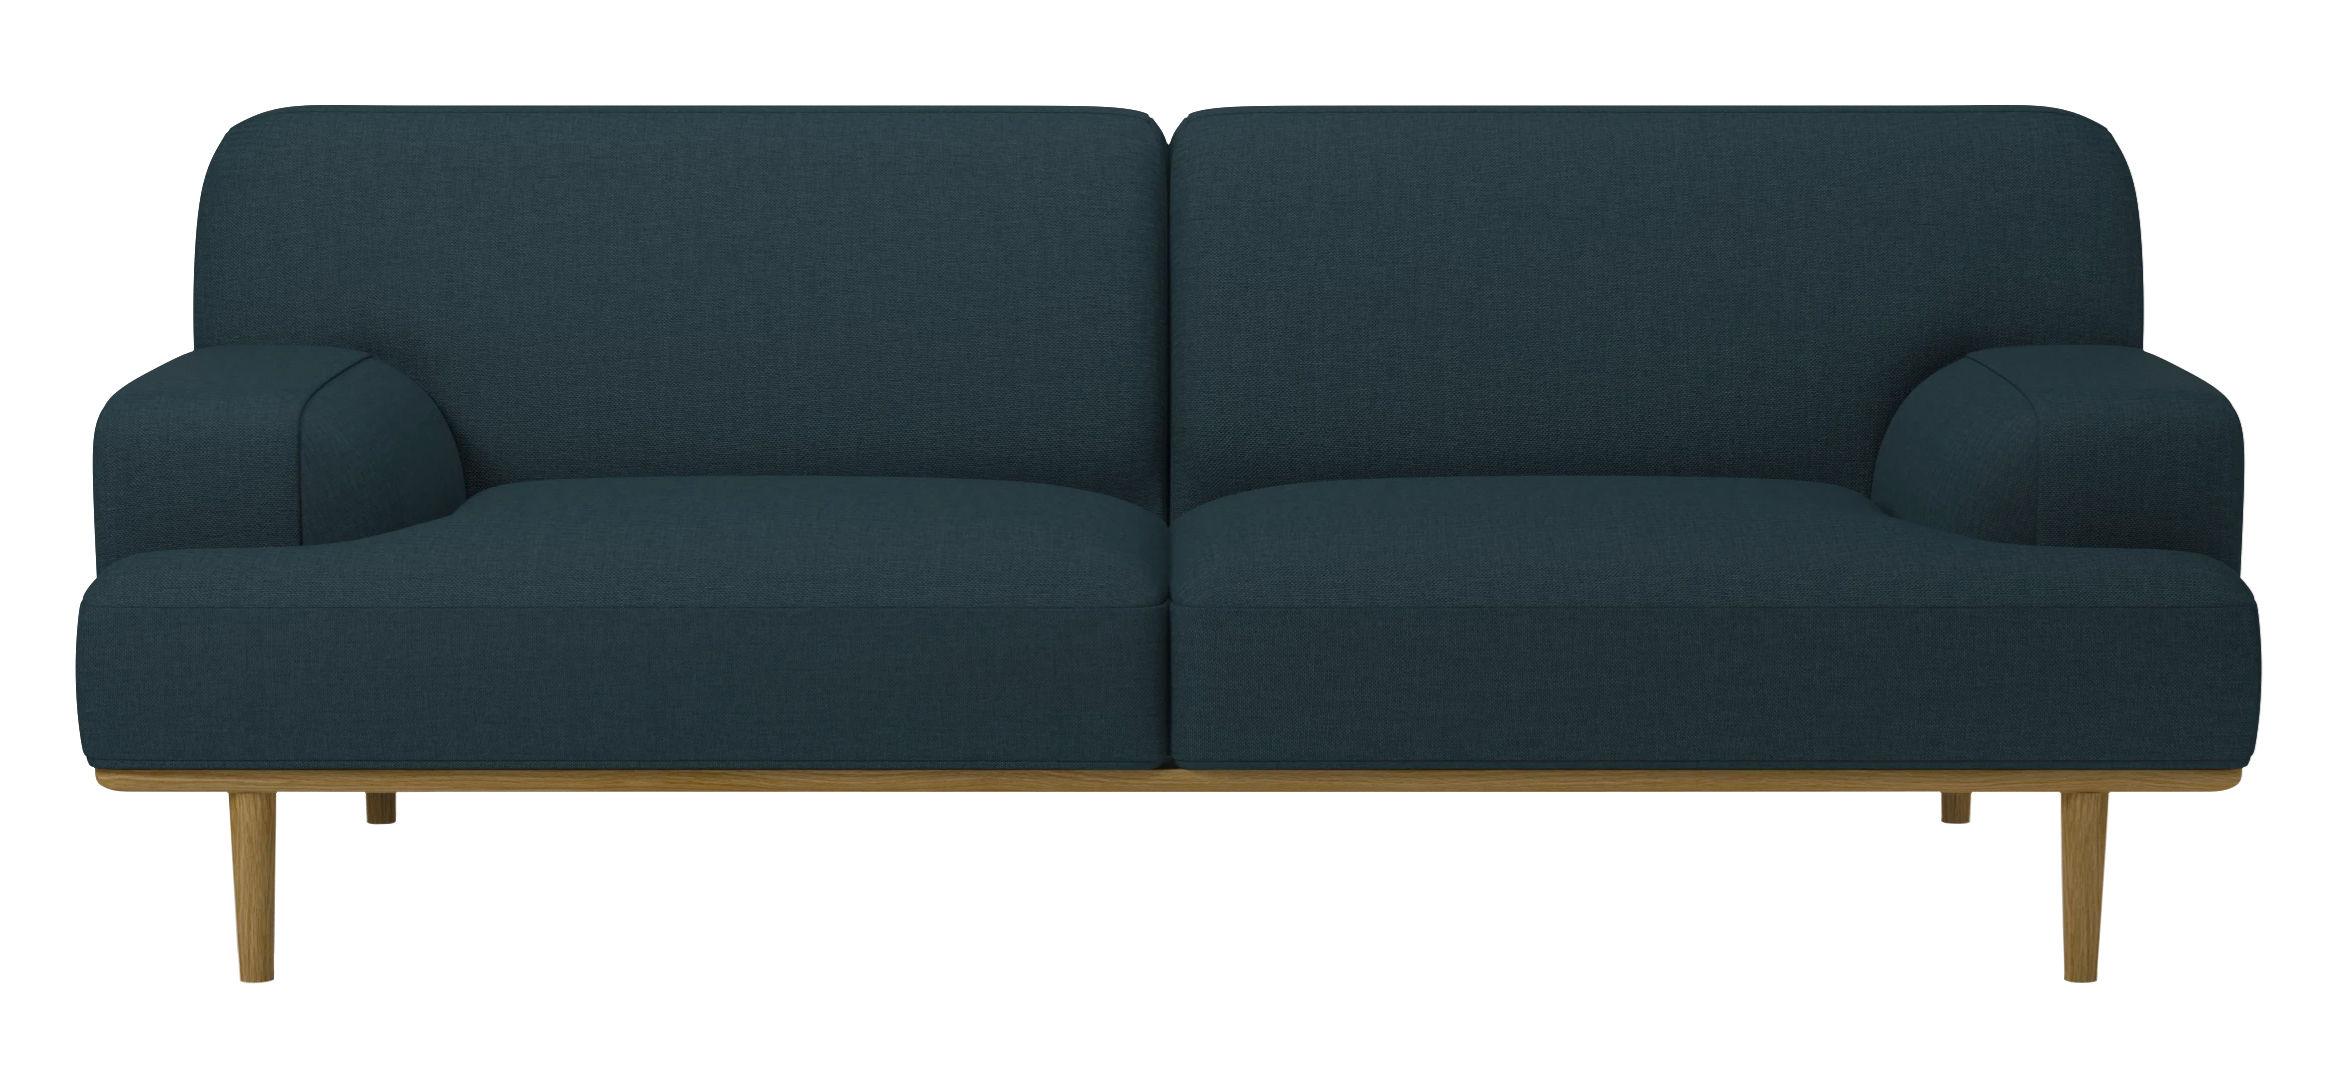 Mobilier - Canapés - Canapé droit Madison Tissu / 2½ places - L 204 cm - Bolia - Bleu pétrole - Chêne, Mousse haute densité, Tissu